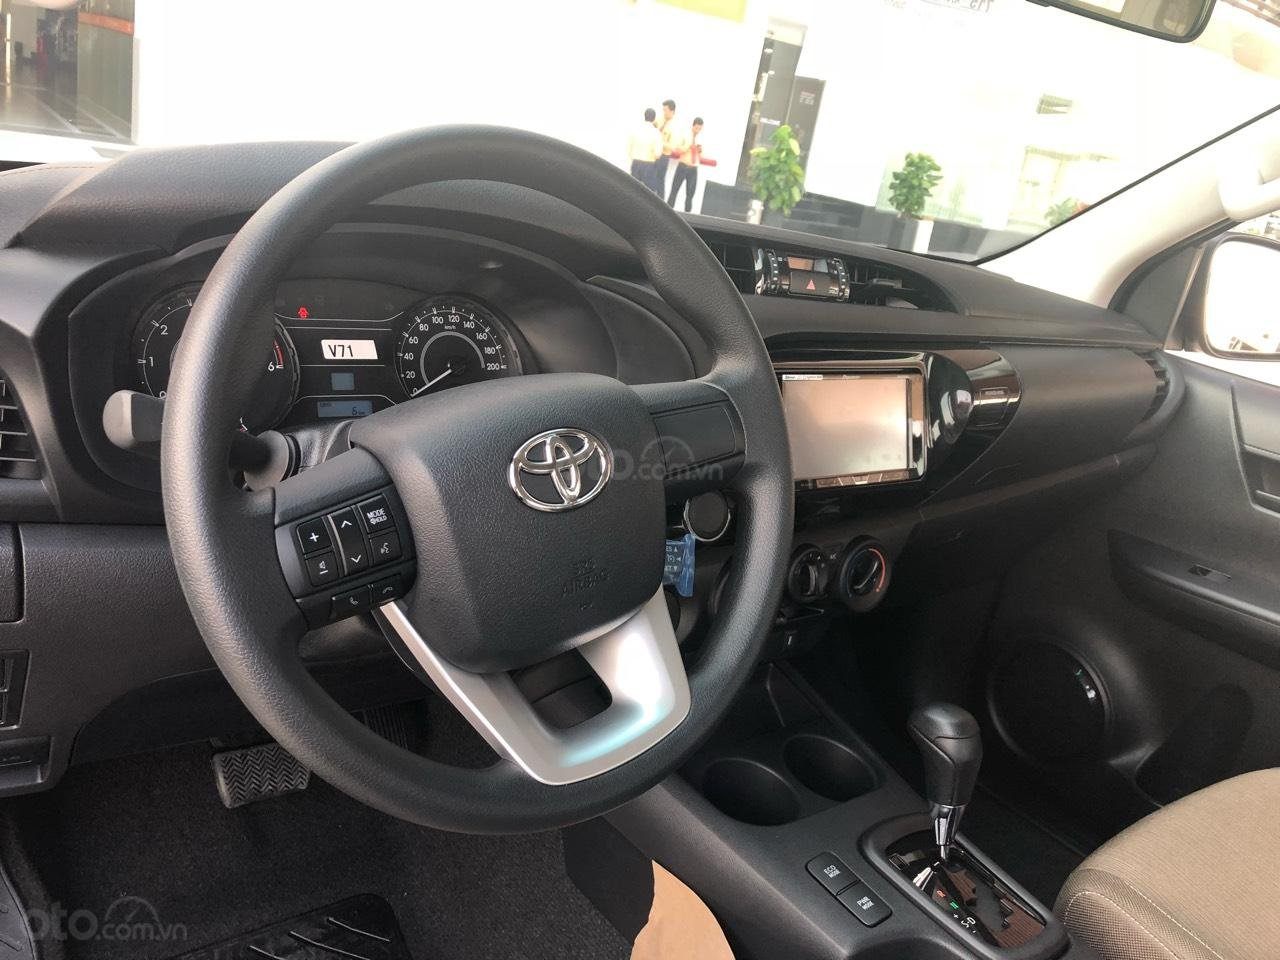 Toyota Hilux 2.4 (4x2), màu trắng ngọc trai, nhập Thái - khuyến mãi giảm tiền mặt khủng- tặng thêm phụ kiện (4)